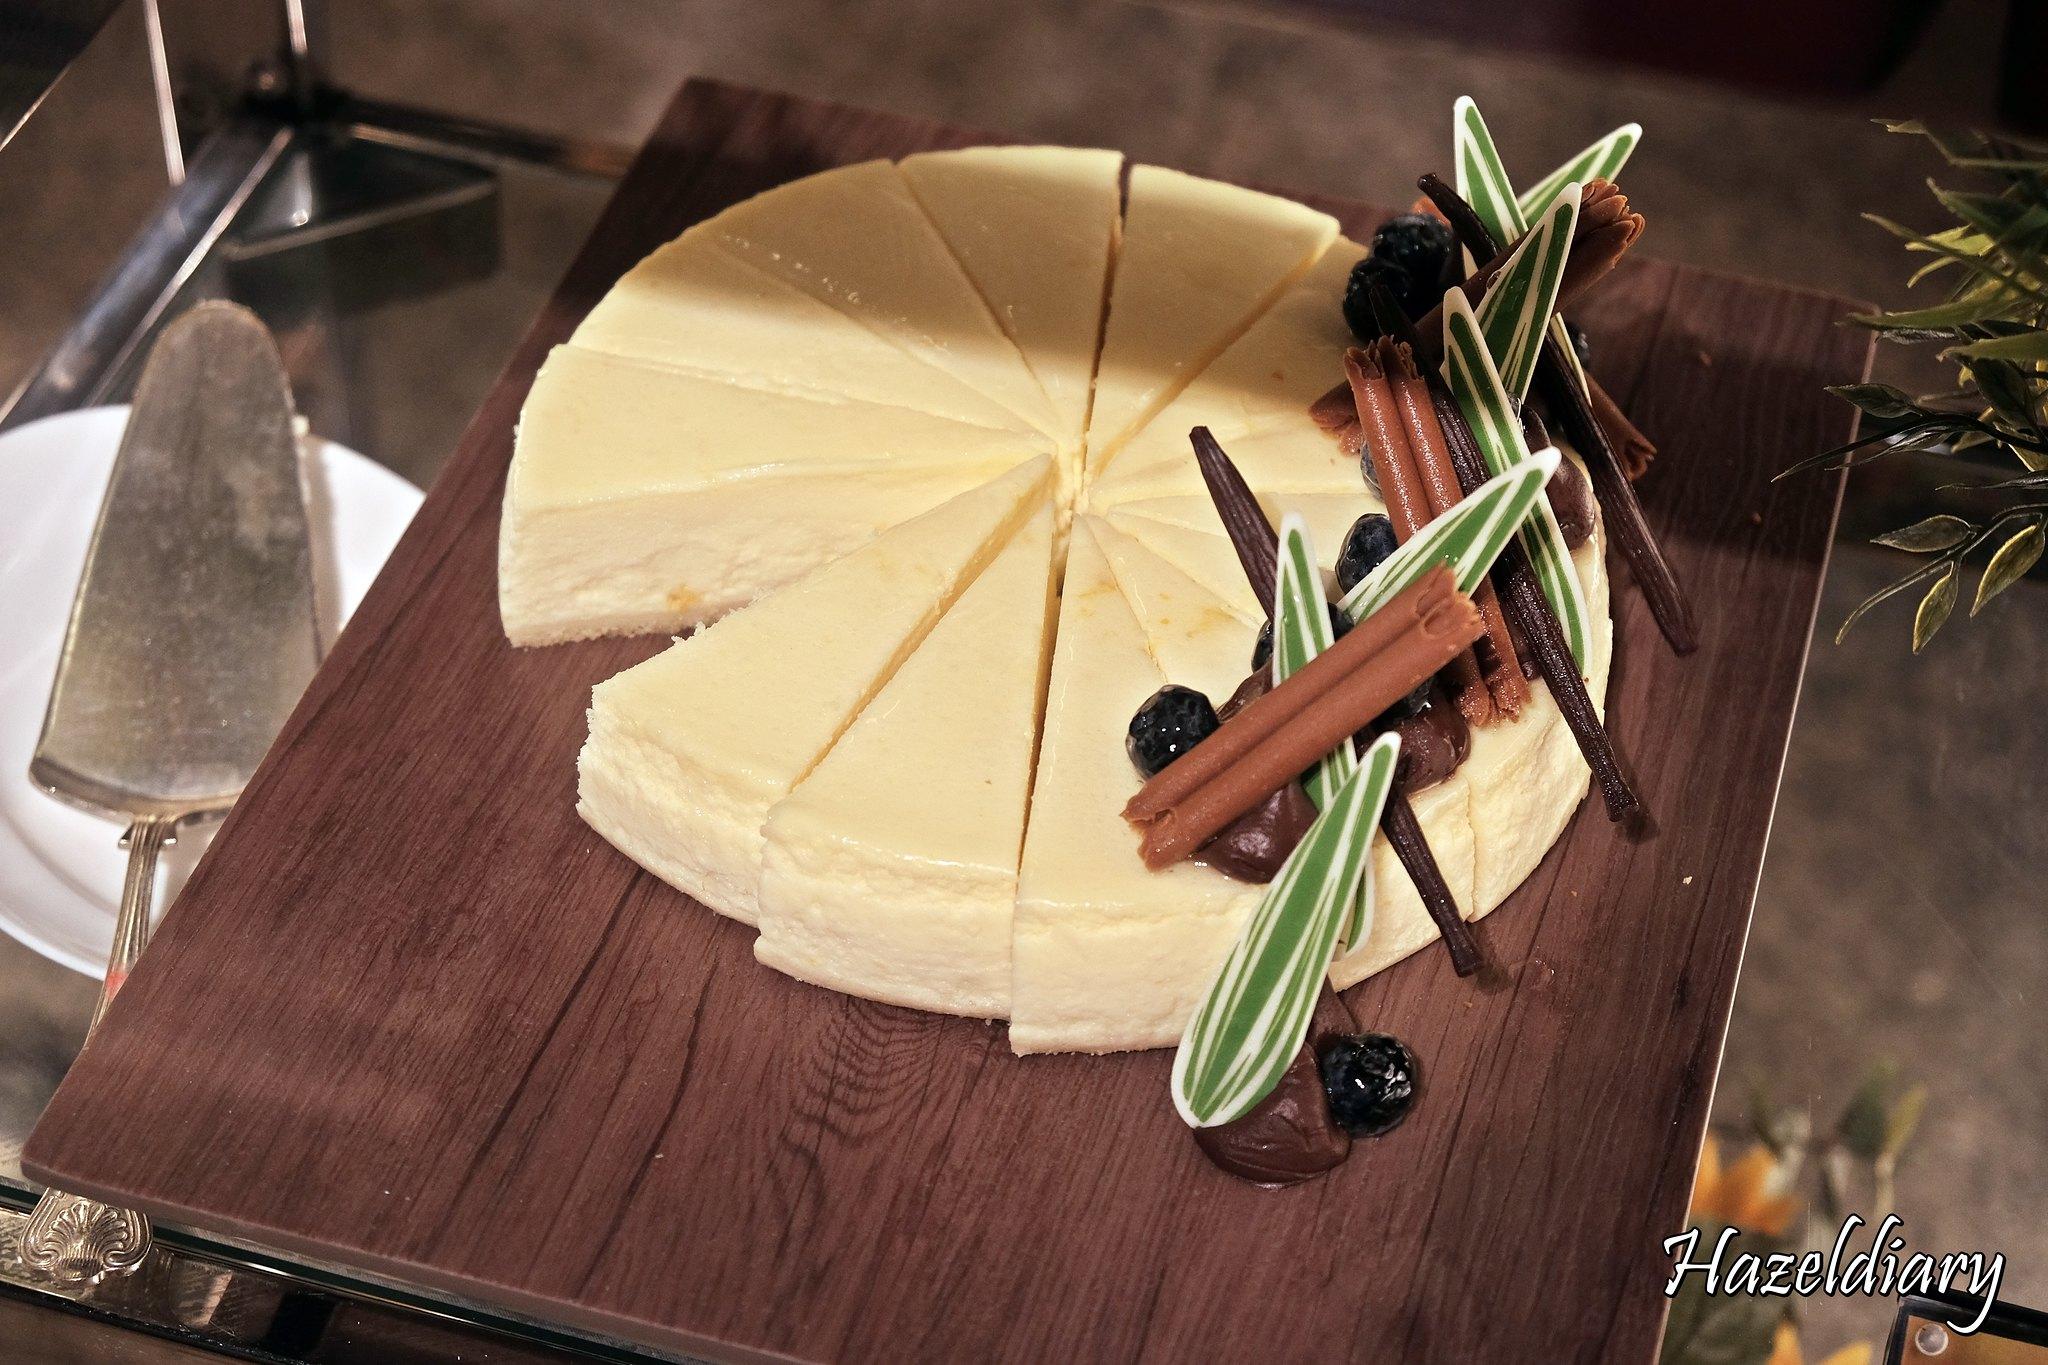 Hokkaido Harvests-Hokkaido Cheese Cake-Mandarin Orchard